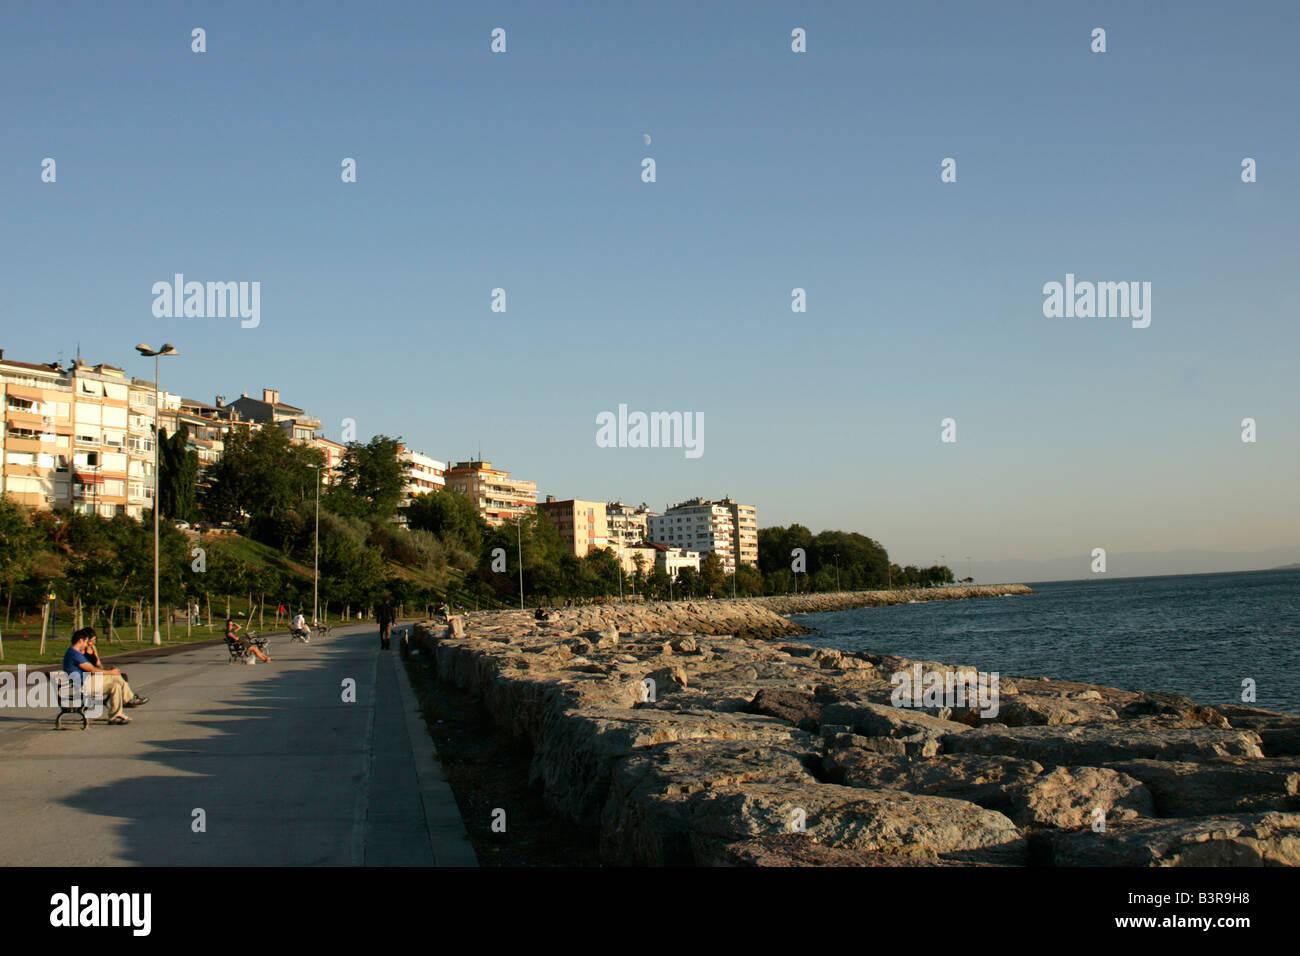 Il fronte mare di moda, Kadikoy, Istanbul, Turchia Immagini Stock